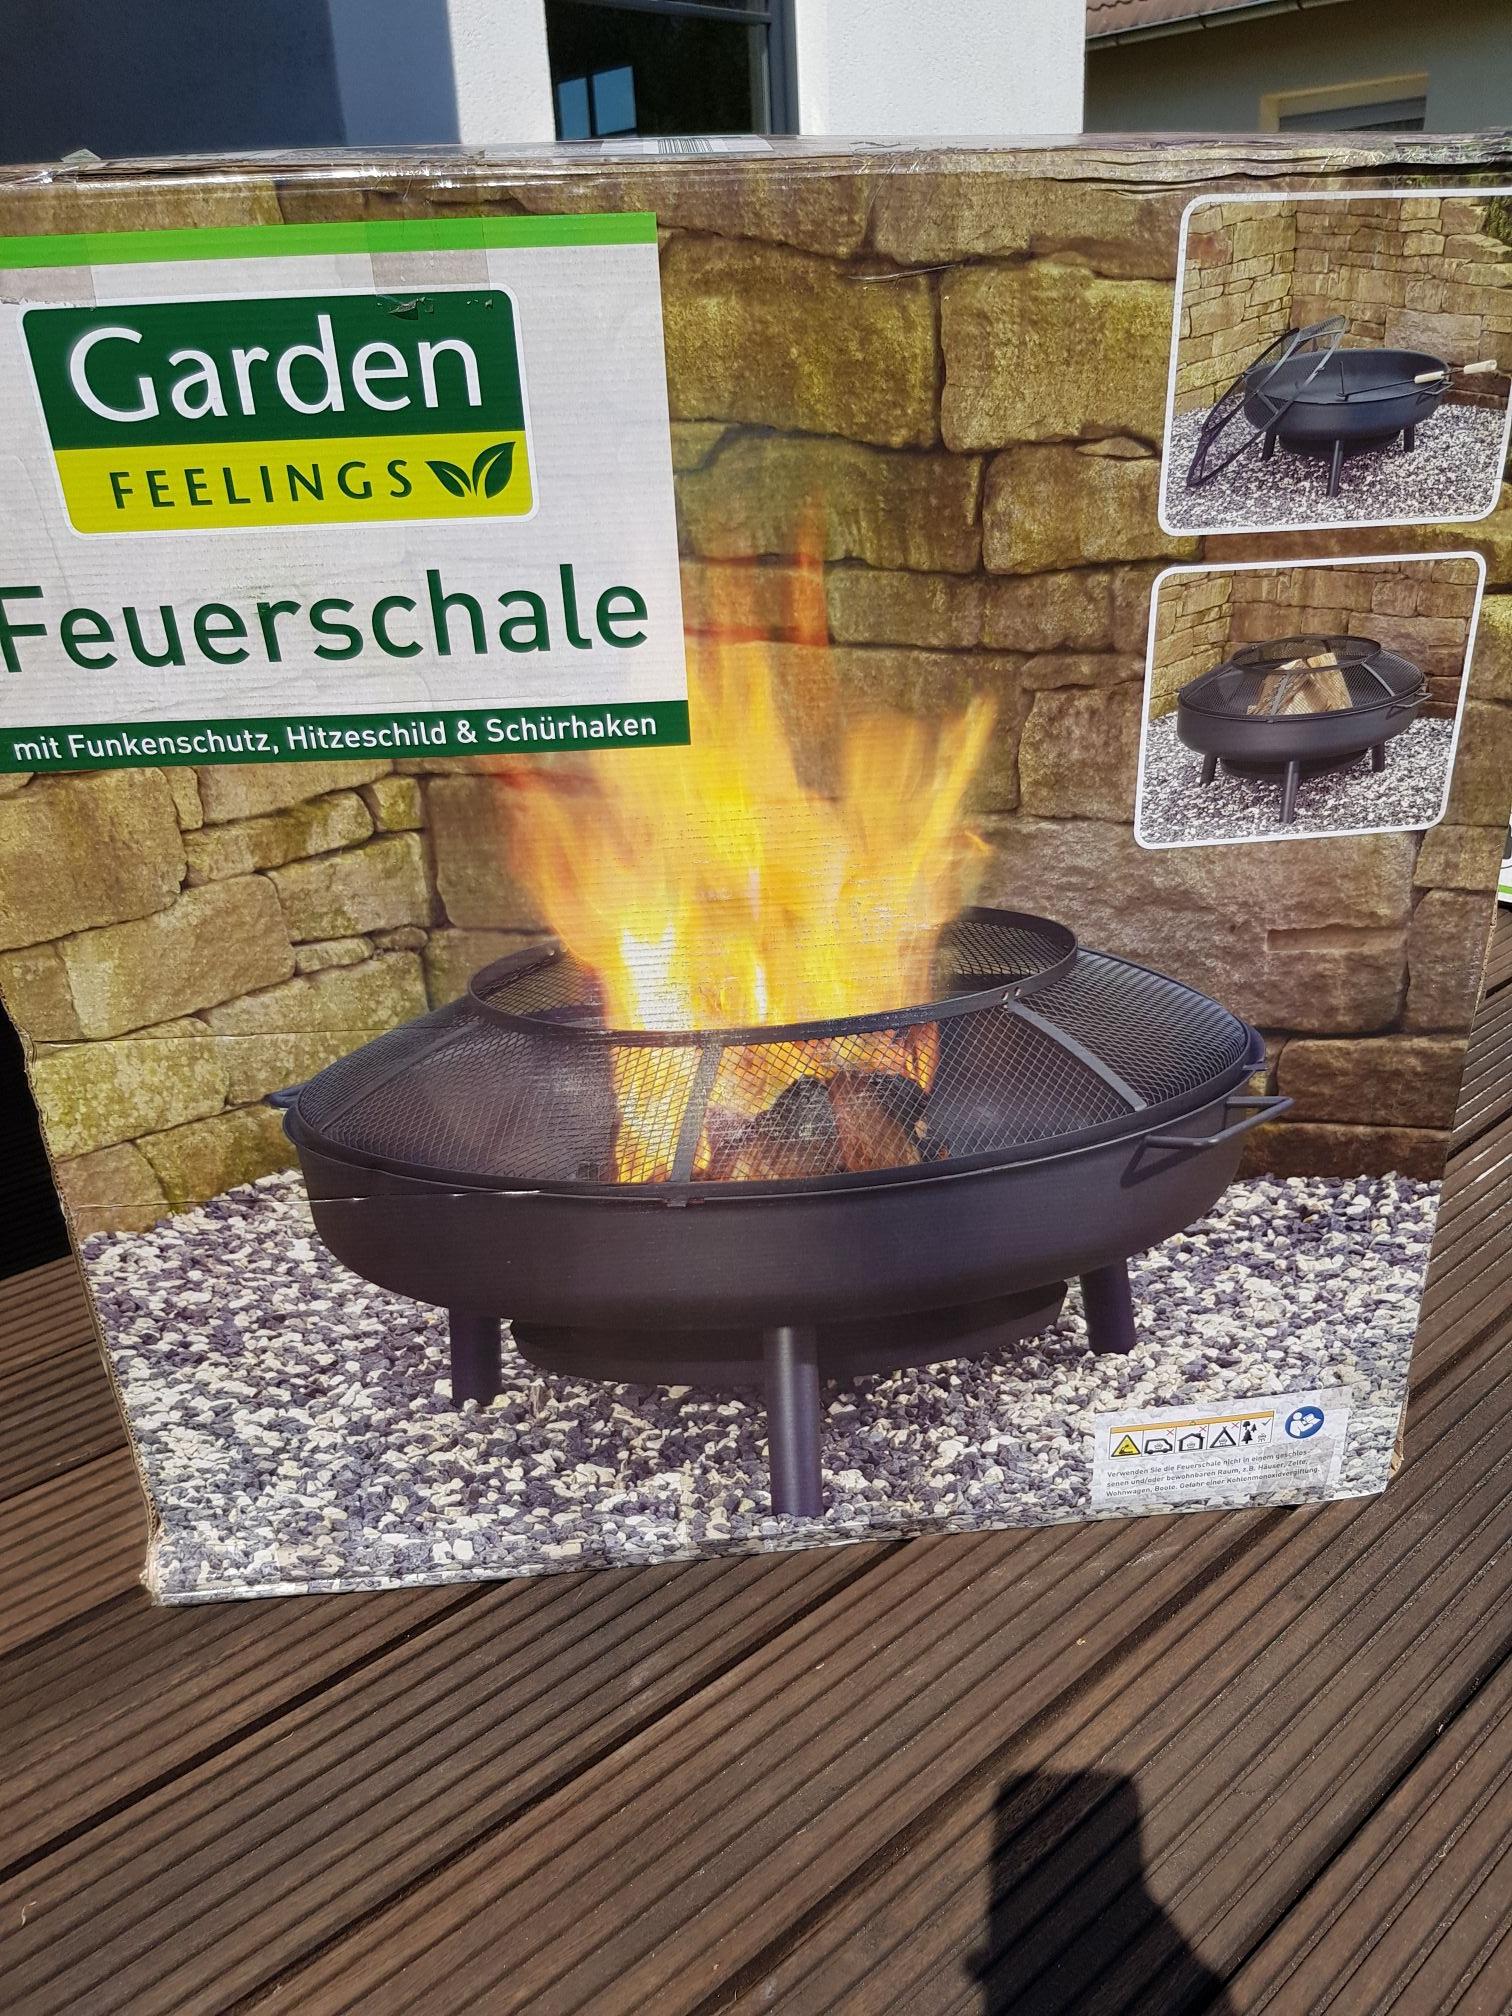 Feuerschale Garden Feelings (Lokal Aldi Hameln)